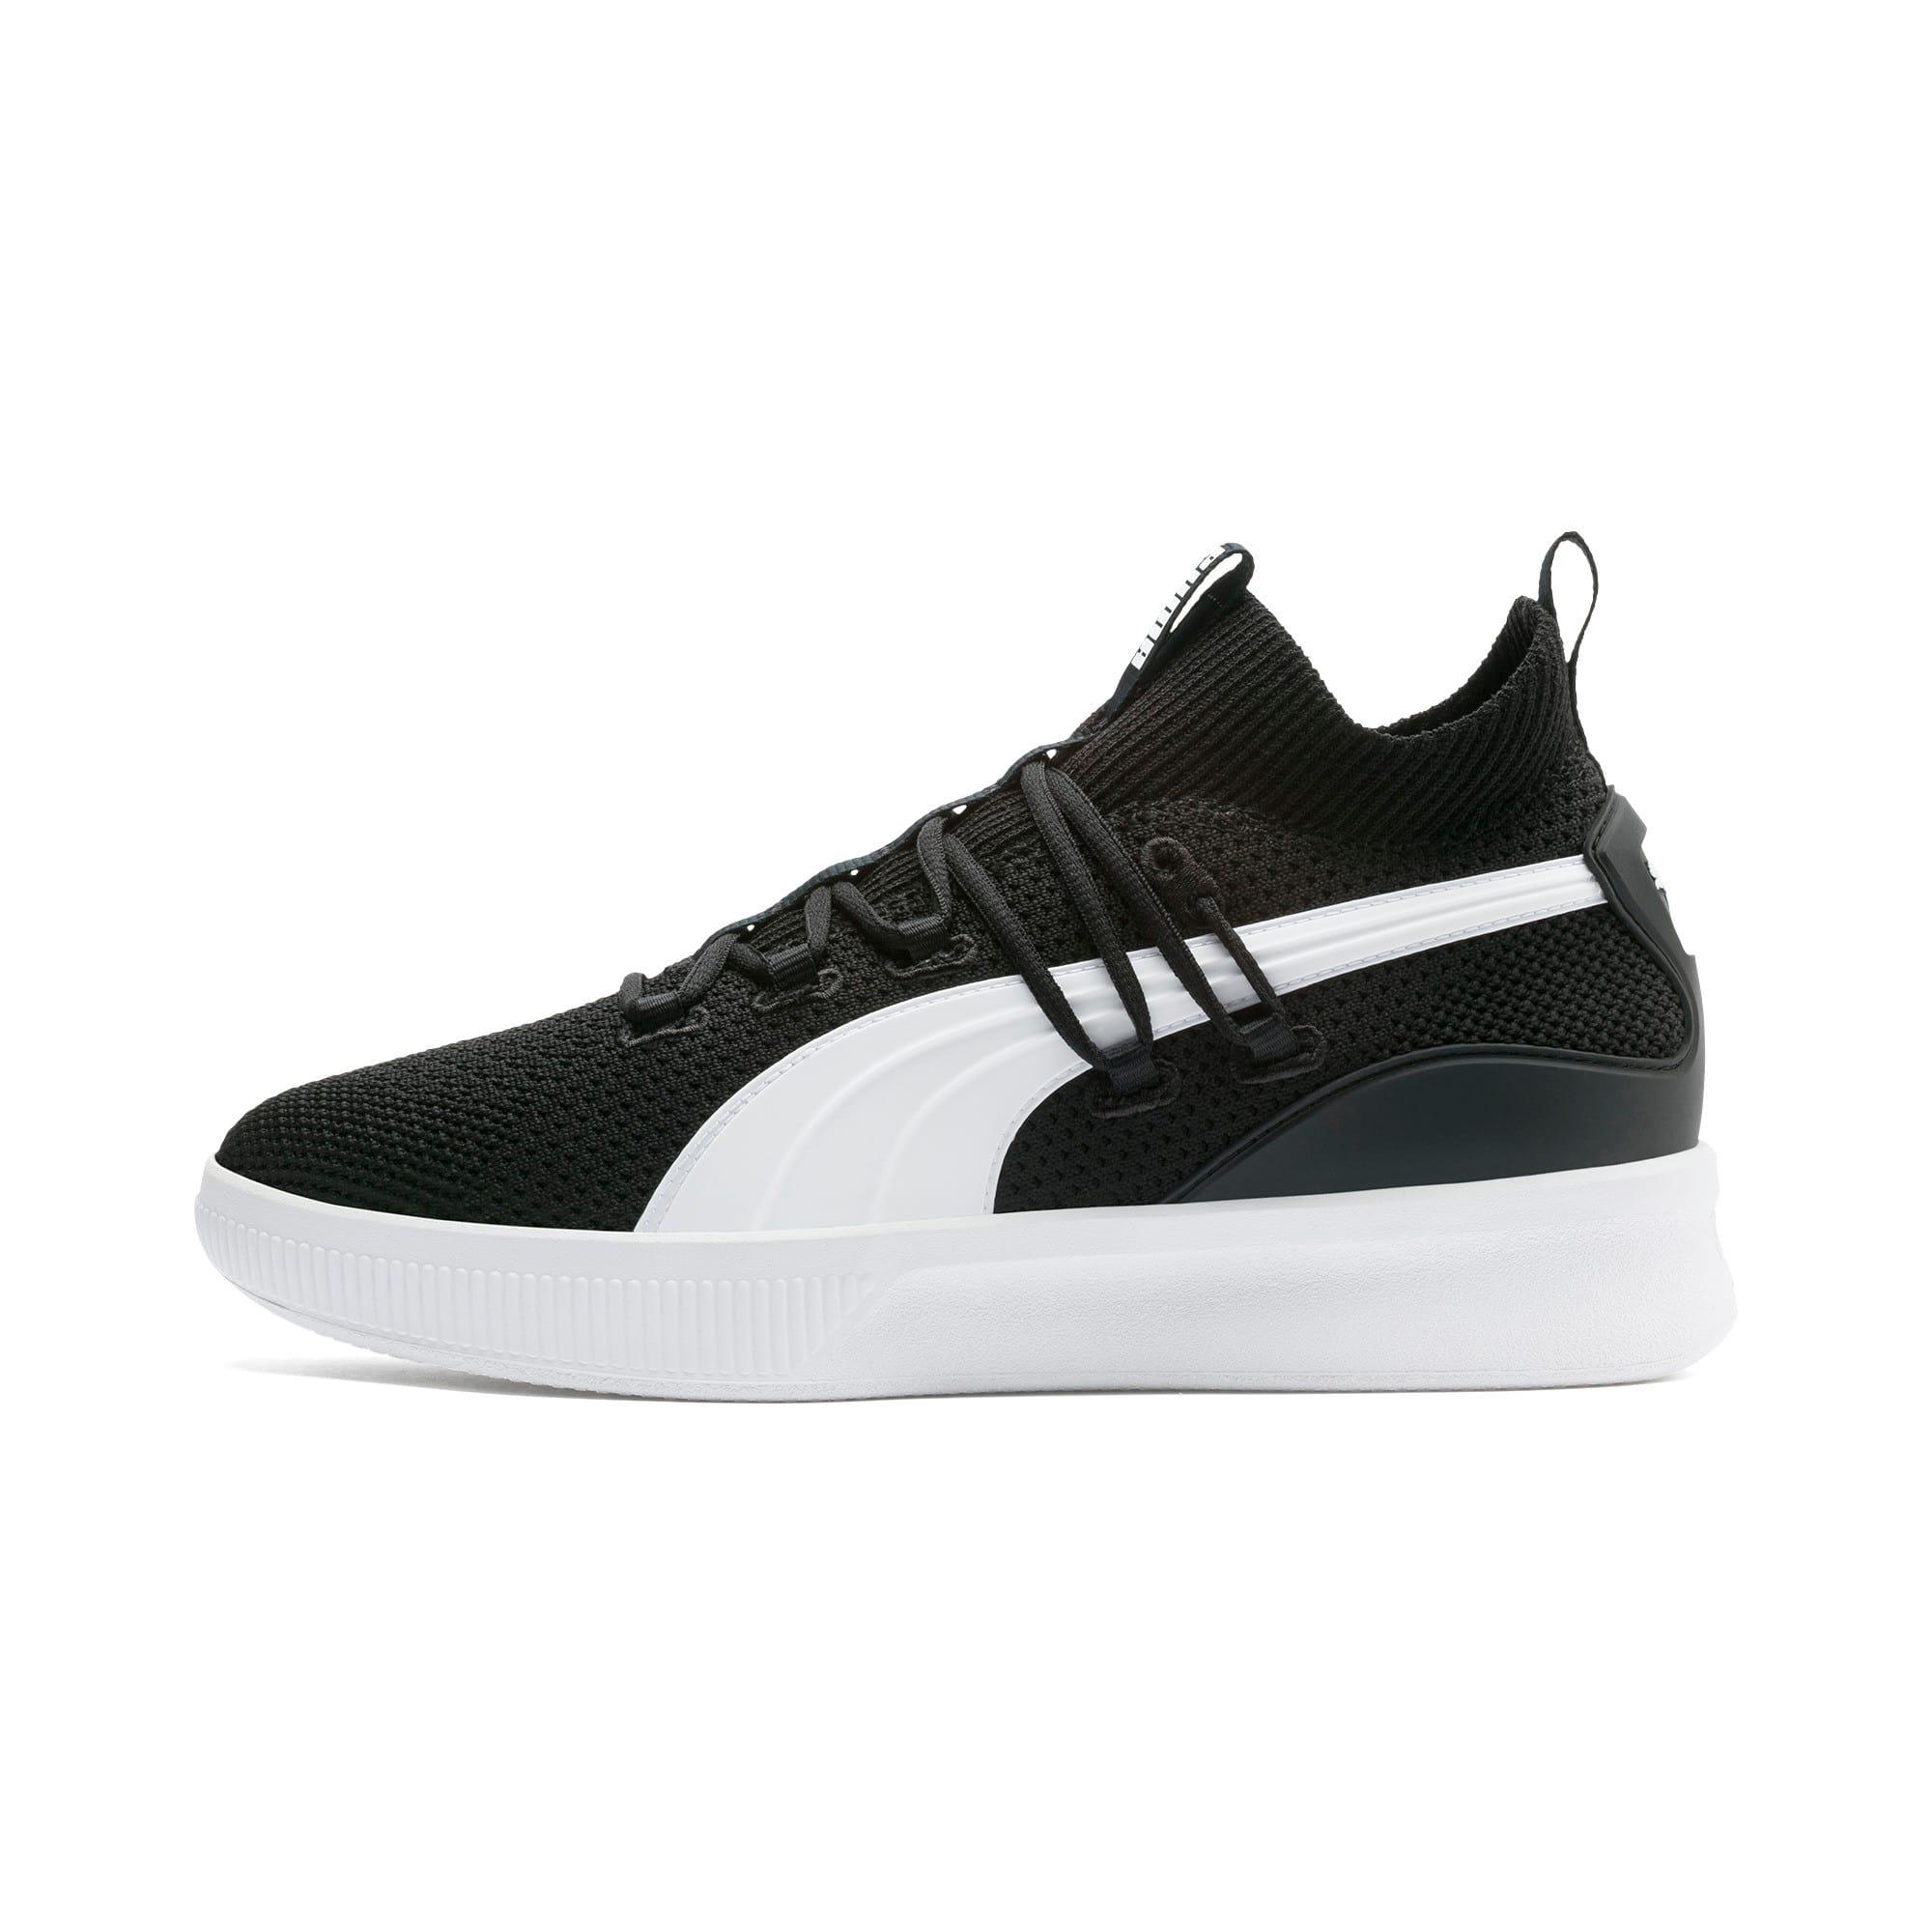 Imagen en miniatura 1 de Zapatillas de baloncesto Clyde Court, Puma Black, mediana